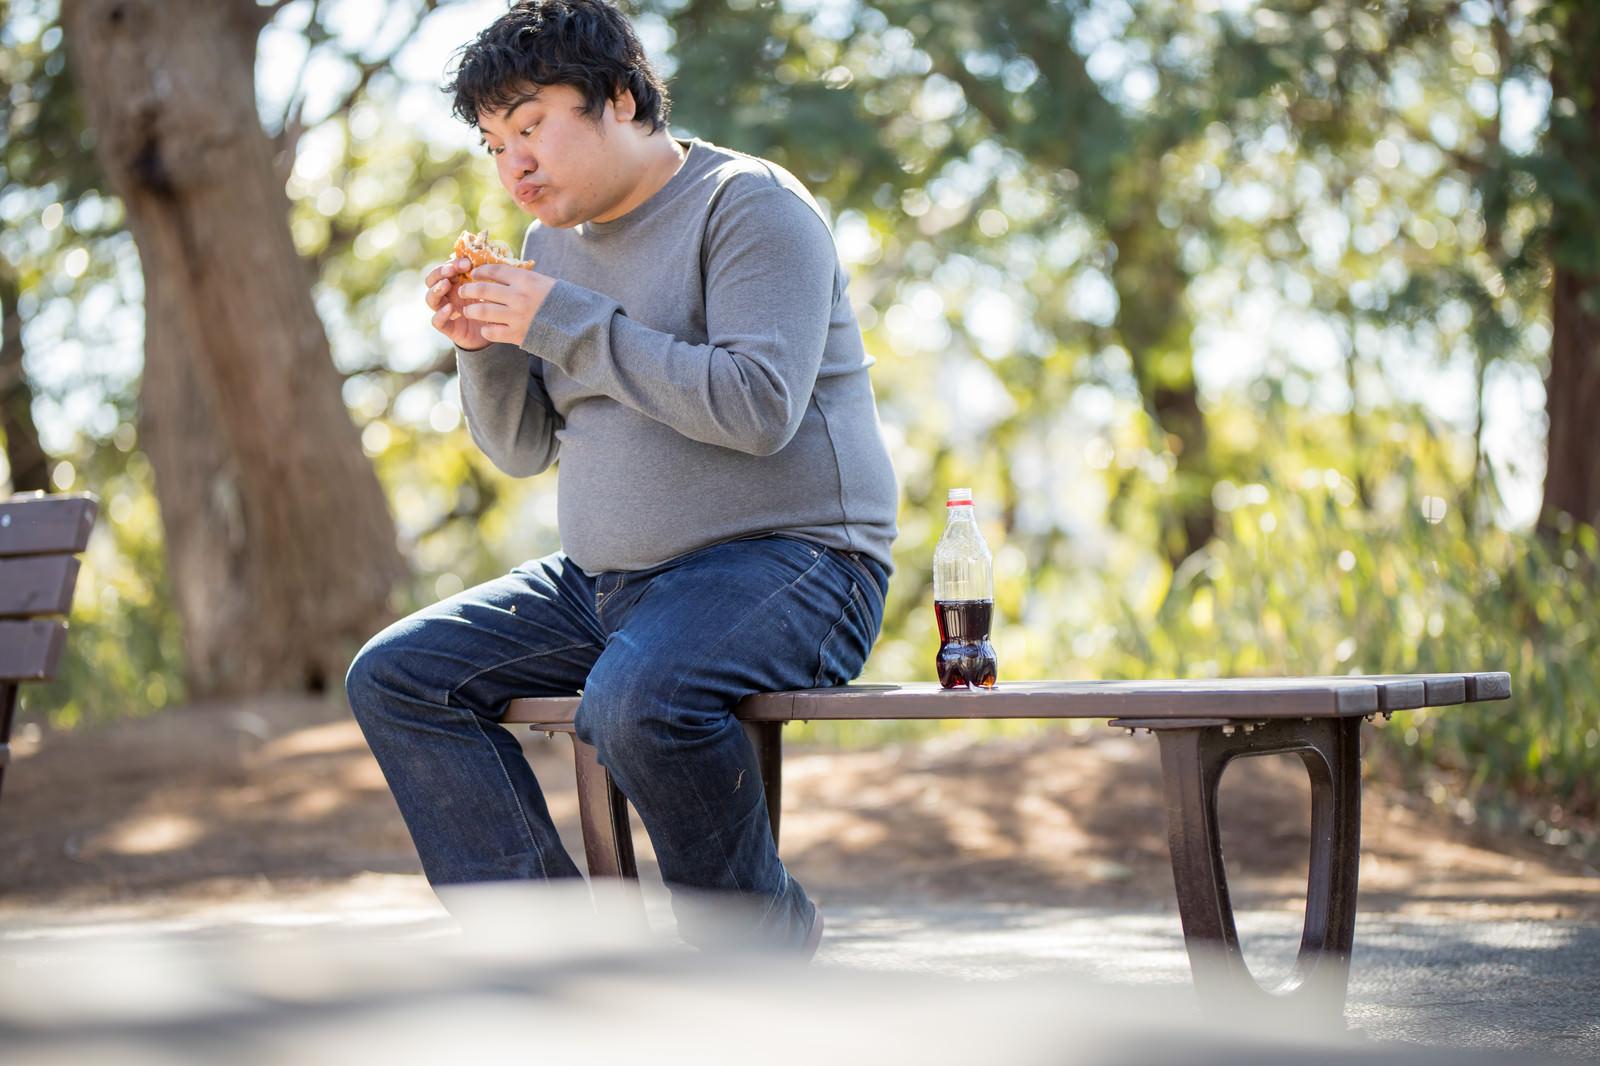 「公園のベンチでハンバーガーを貪るメタボ男子」の写真[モデル:段田隼人]